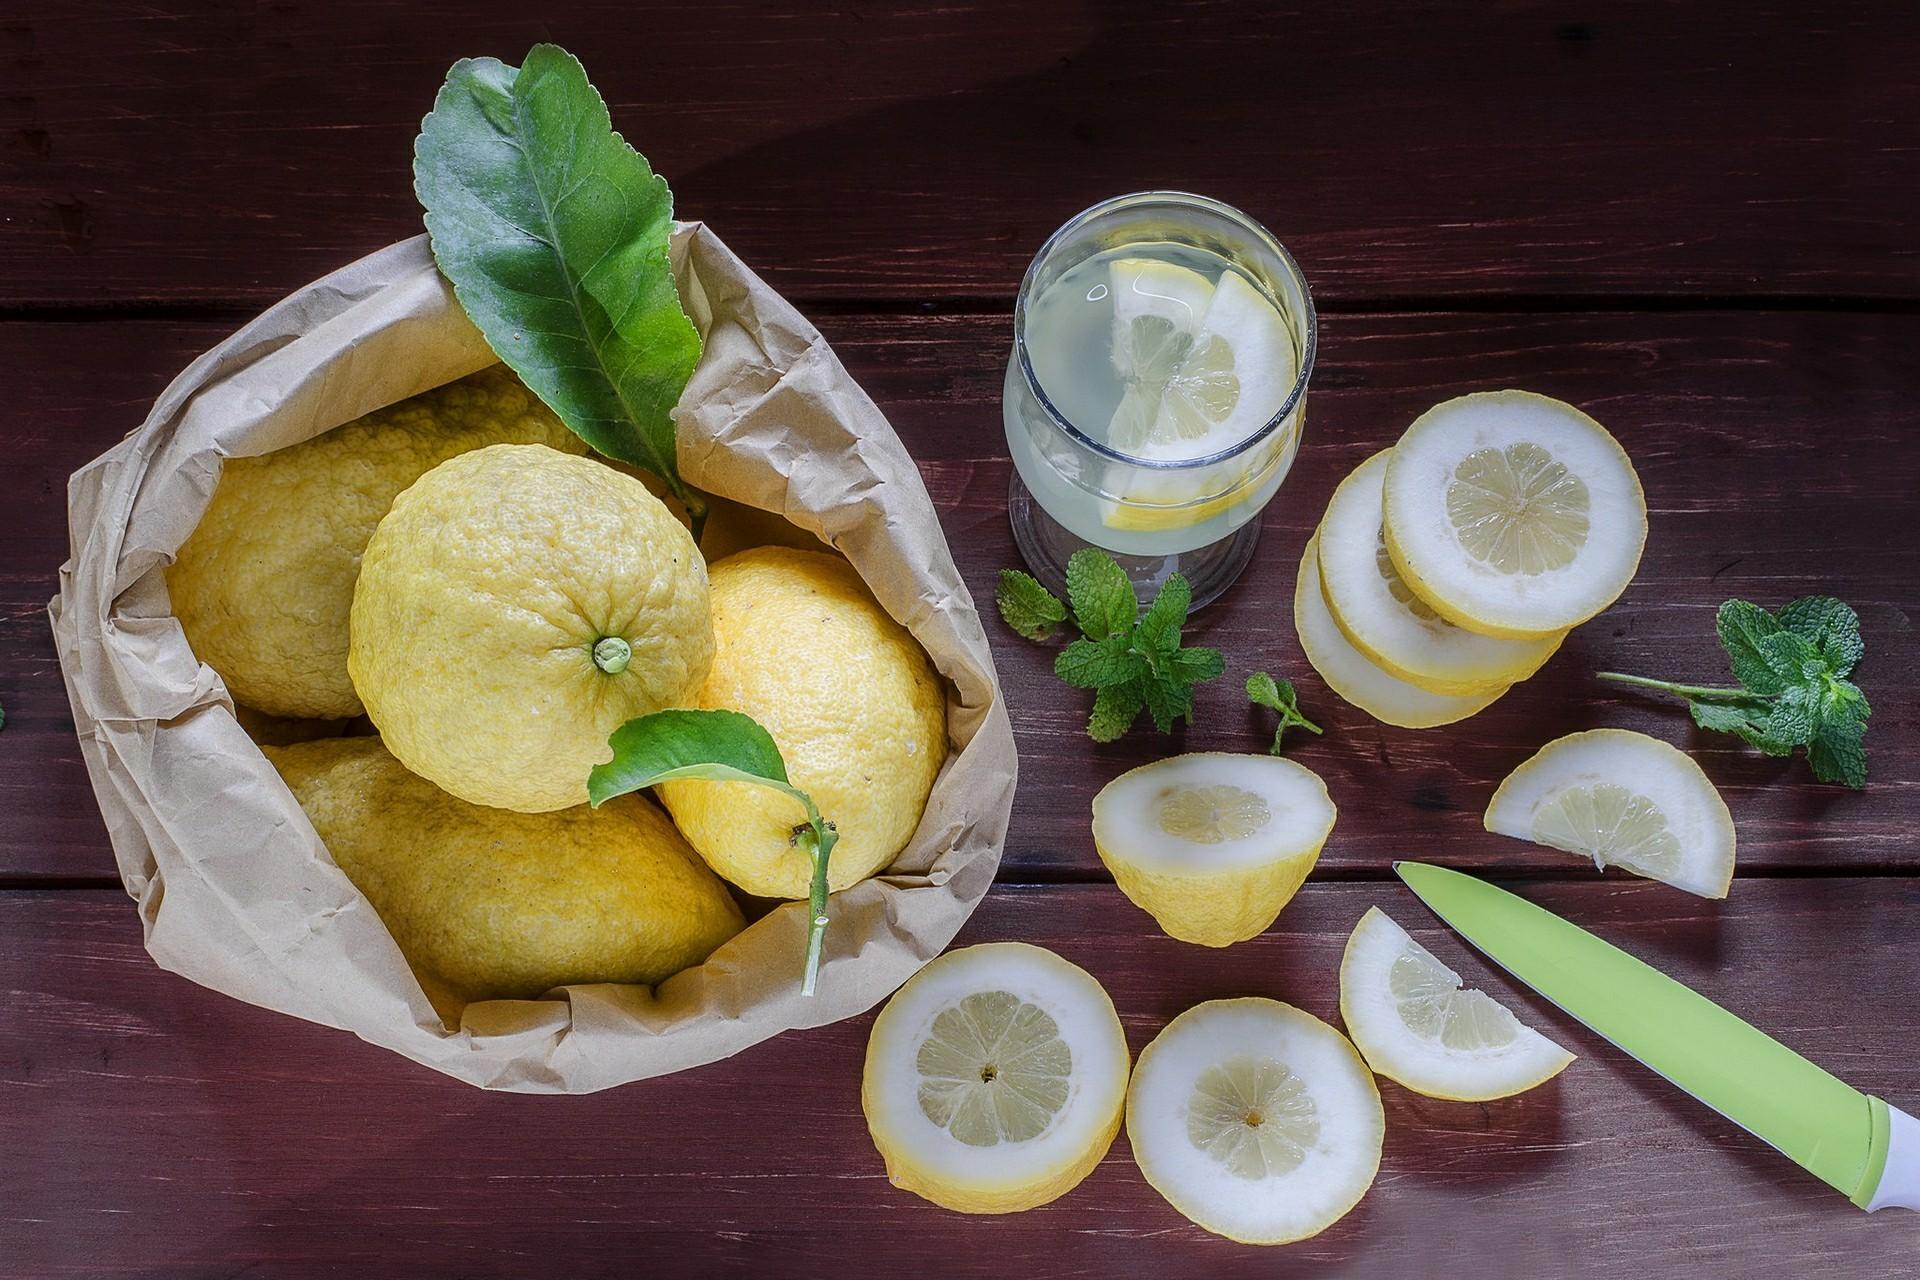 Fond d'écran fruit, citron, agrume, jus - Citrus wallpaper